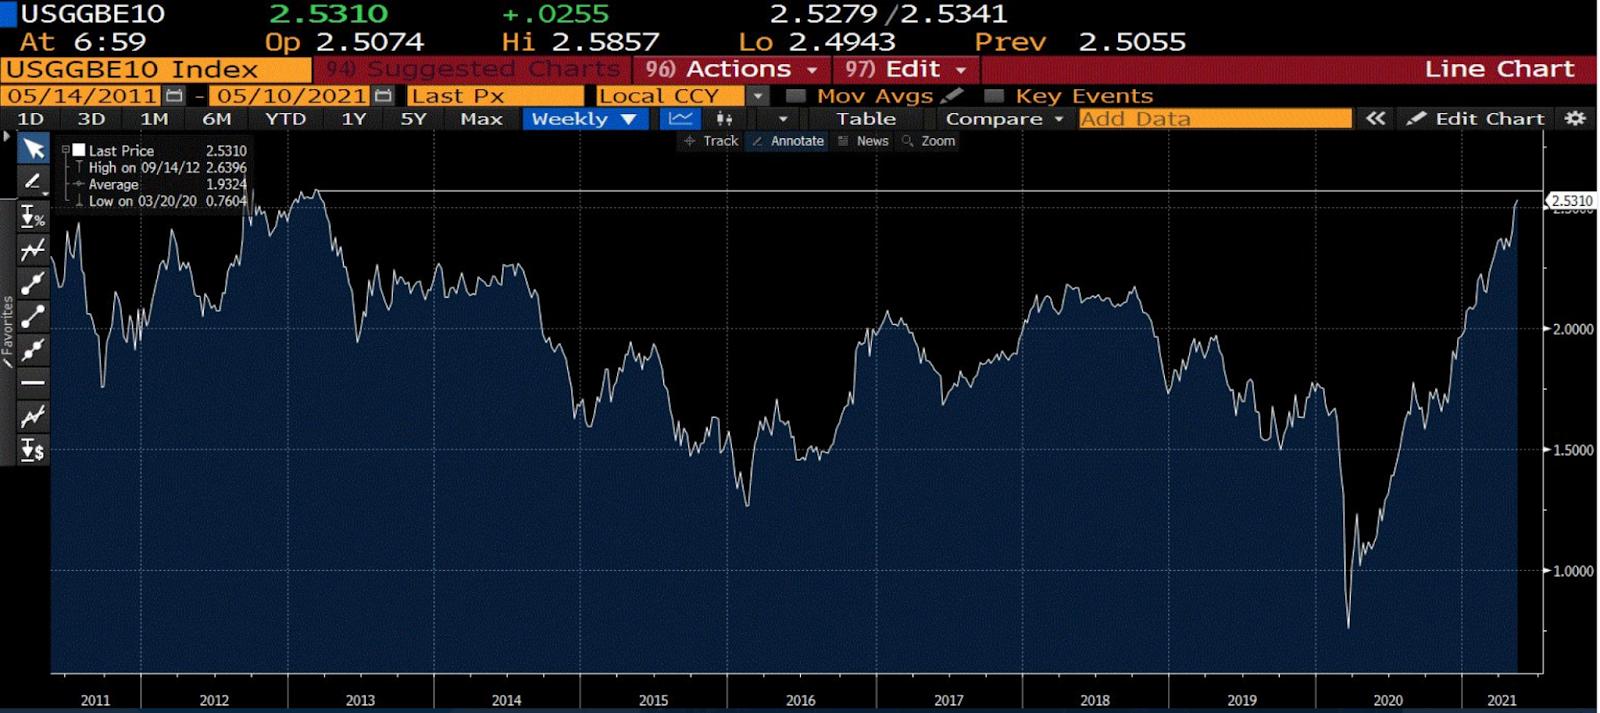 Gráfico mostra que o mercado também está fazendo seus cálculos e esperando uma aceleração da inflação. Dados de expectativa mostraram crescimento, assim como dados de inflação implícita nas taxas dos títulos indexados americanos.